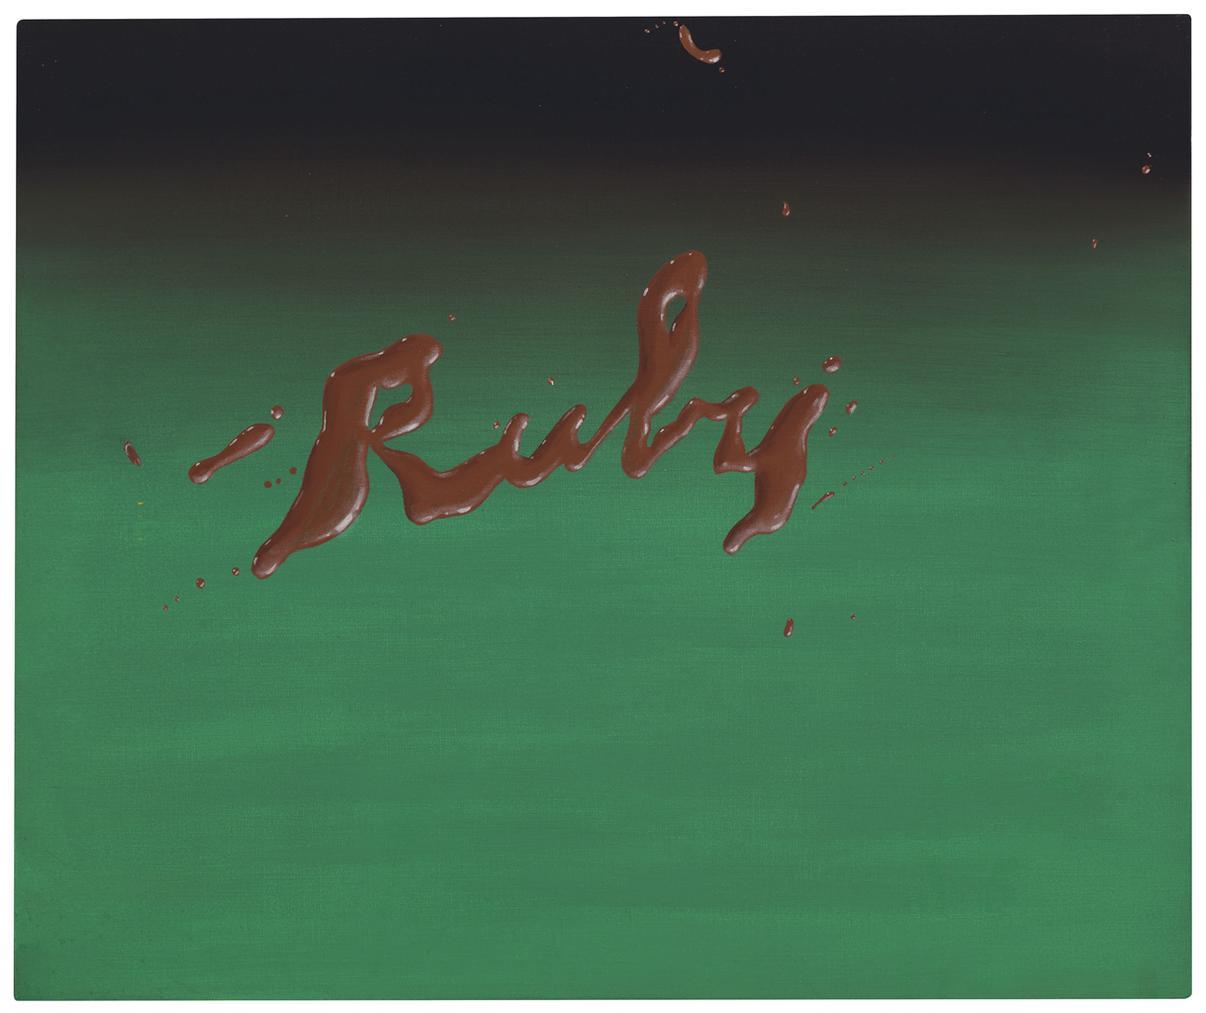 Ed Ruscha-Ruby-1968